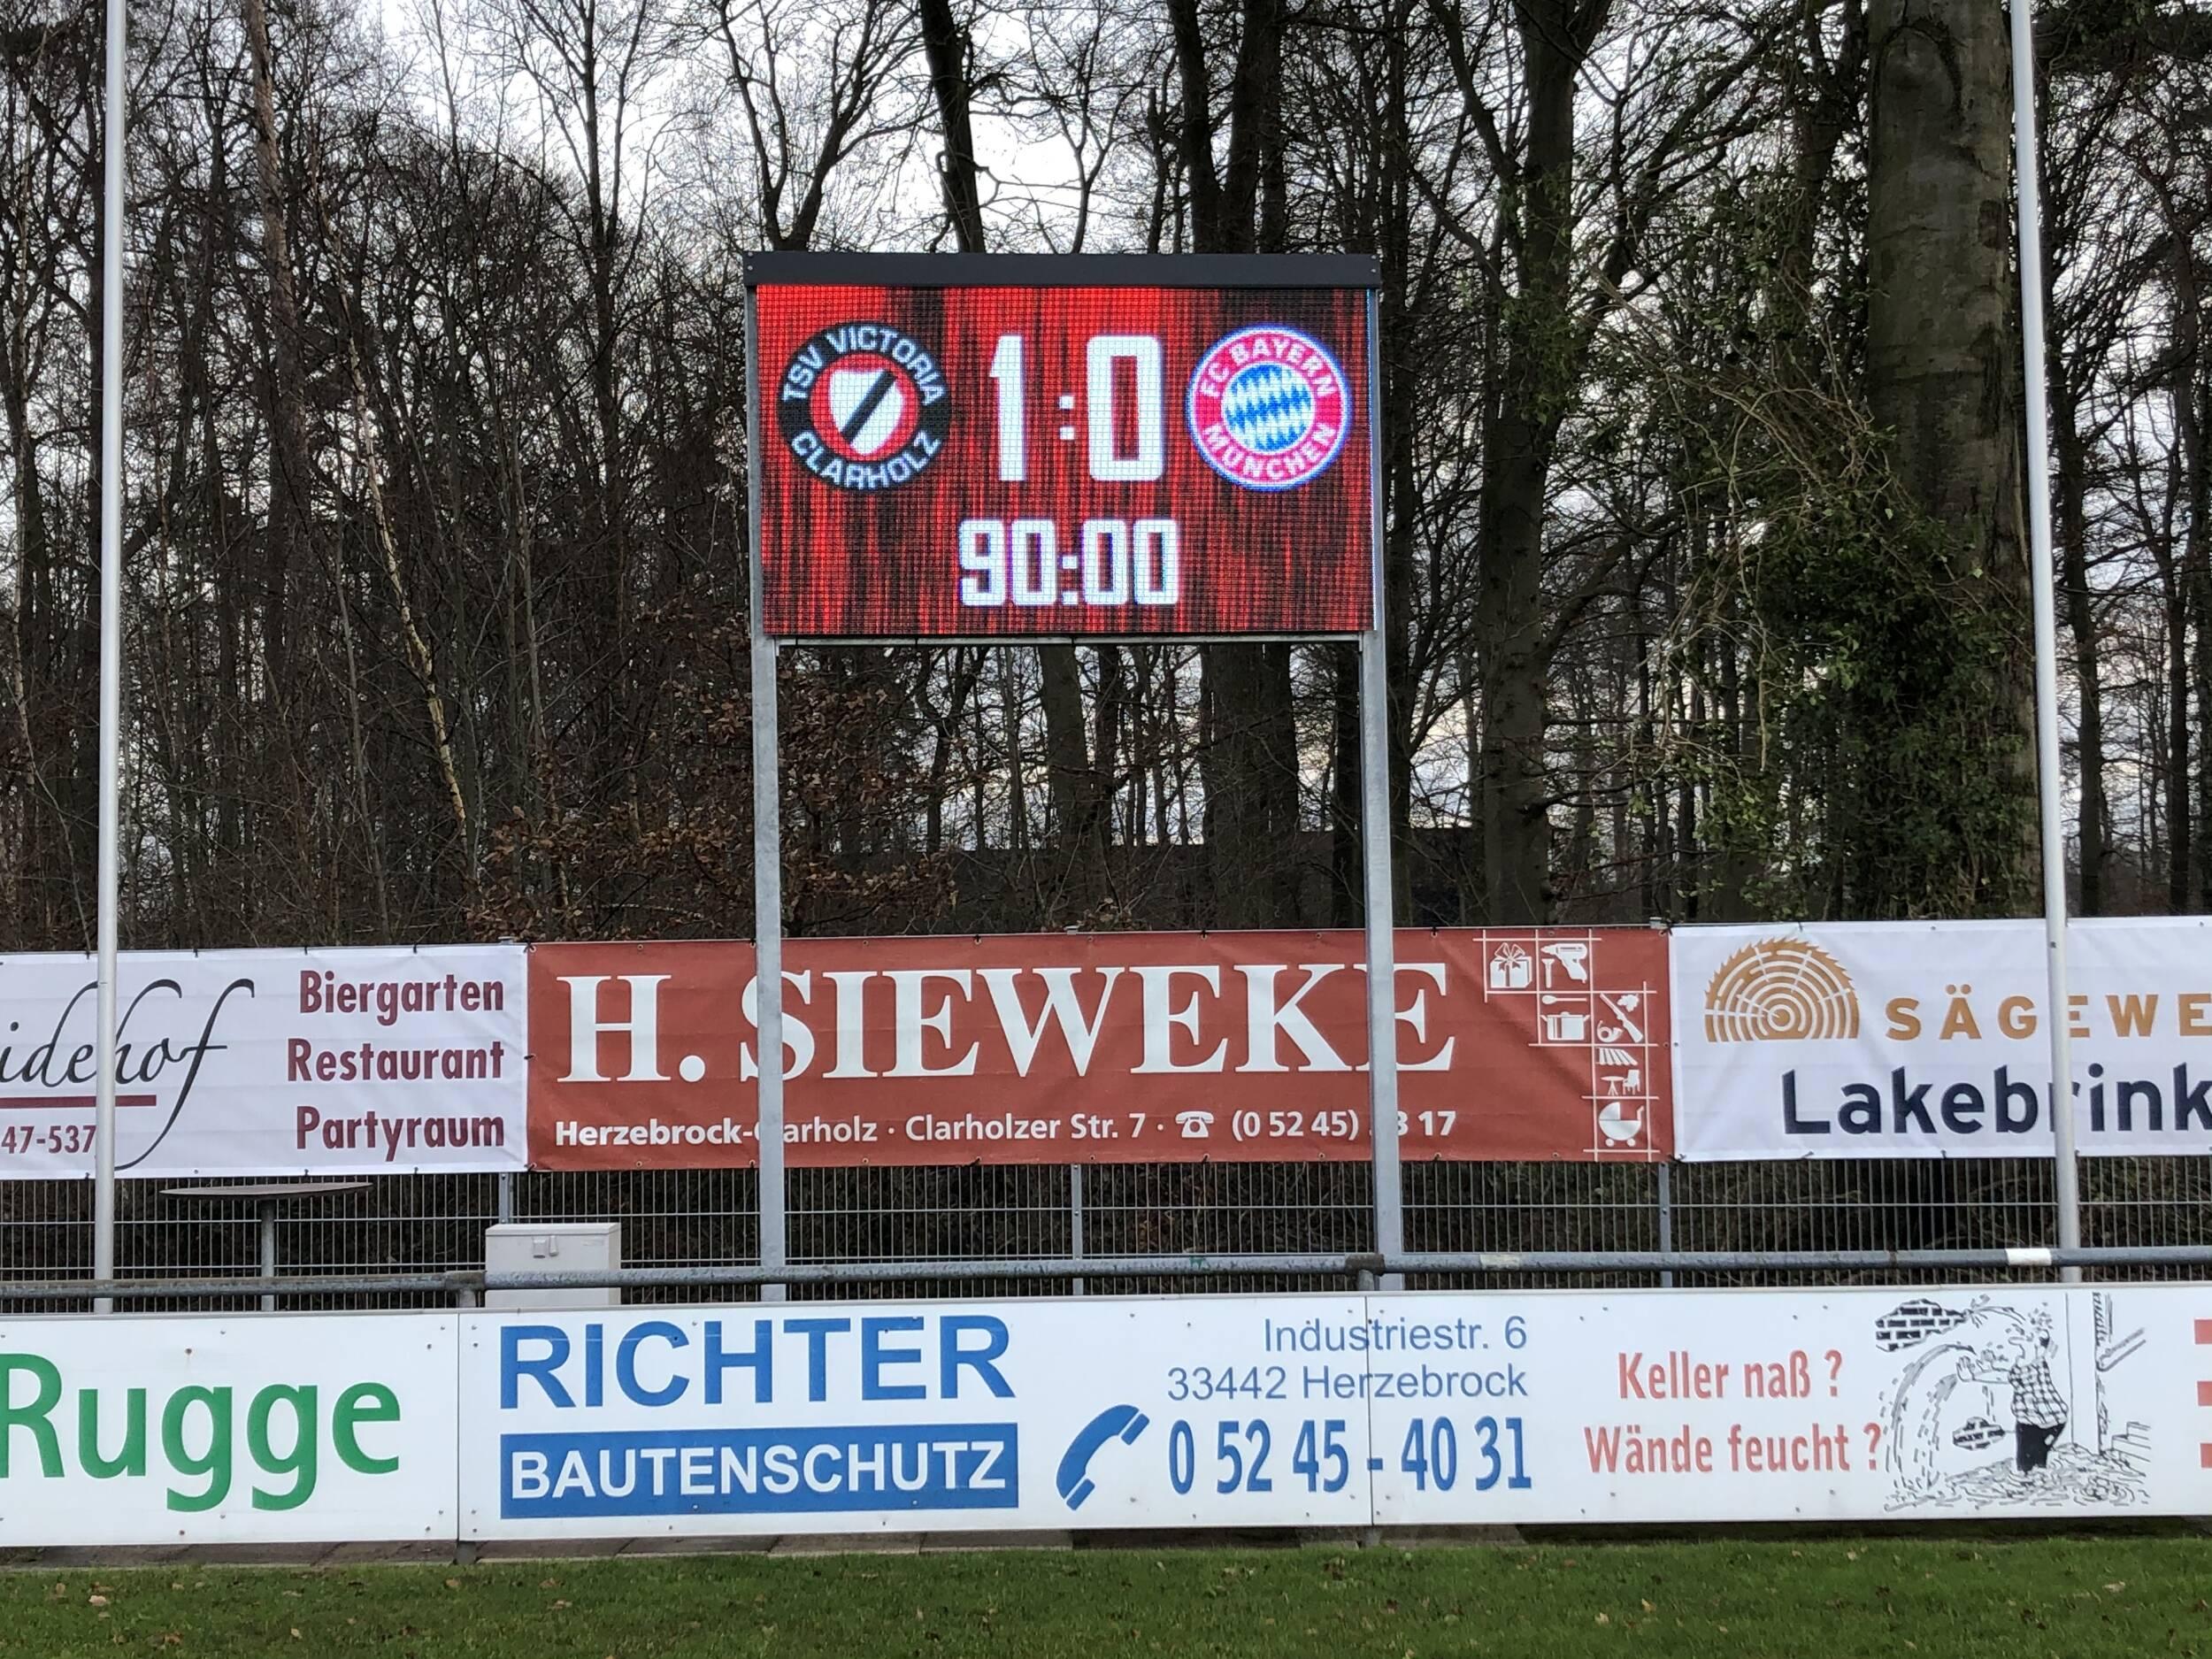 Fußball<br>Neue Anzeigetafel betriebsbereit